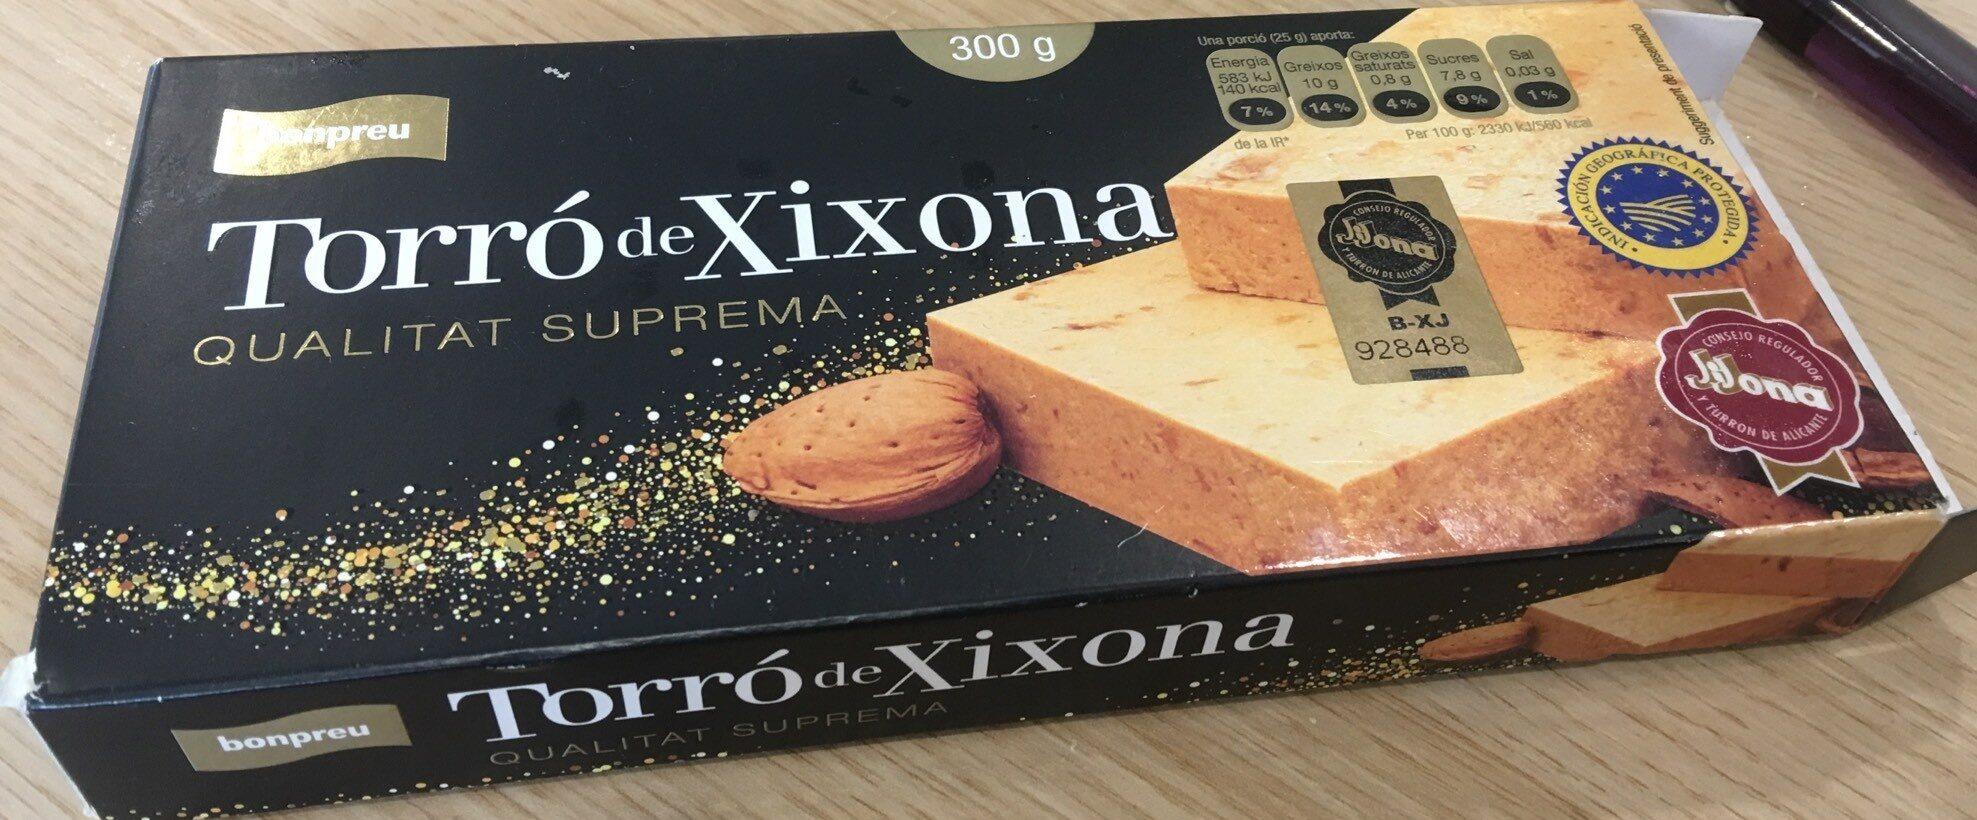 Torro de Xixona - Producto - ca